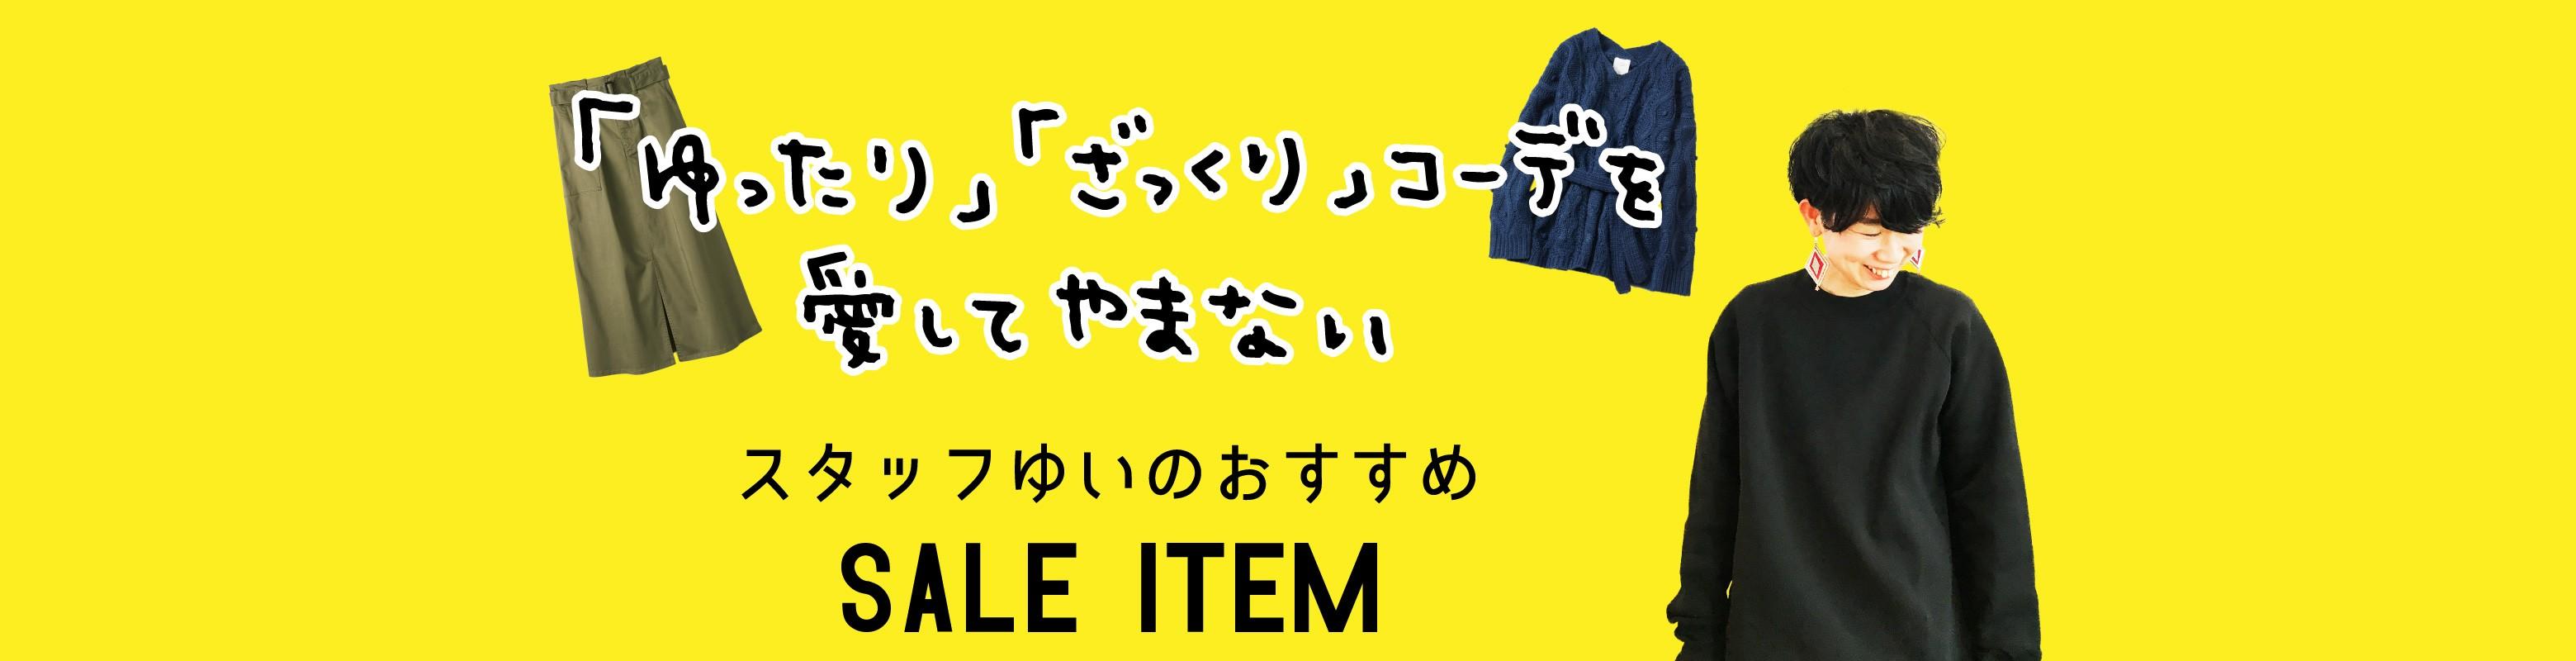 スタッフゆいの\オススメSALE ITEM/